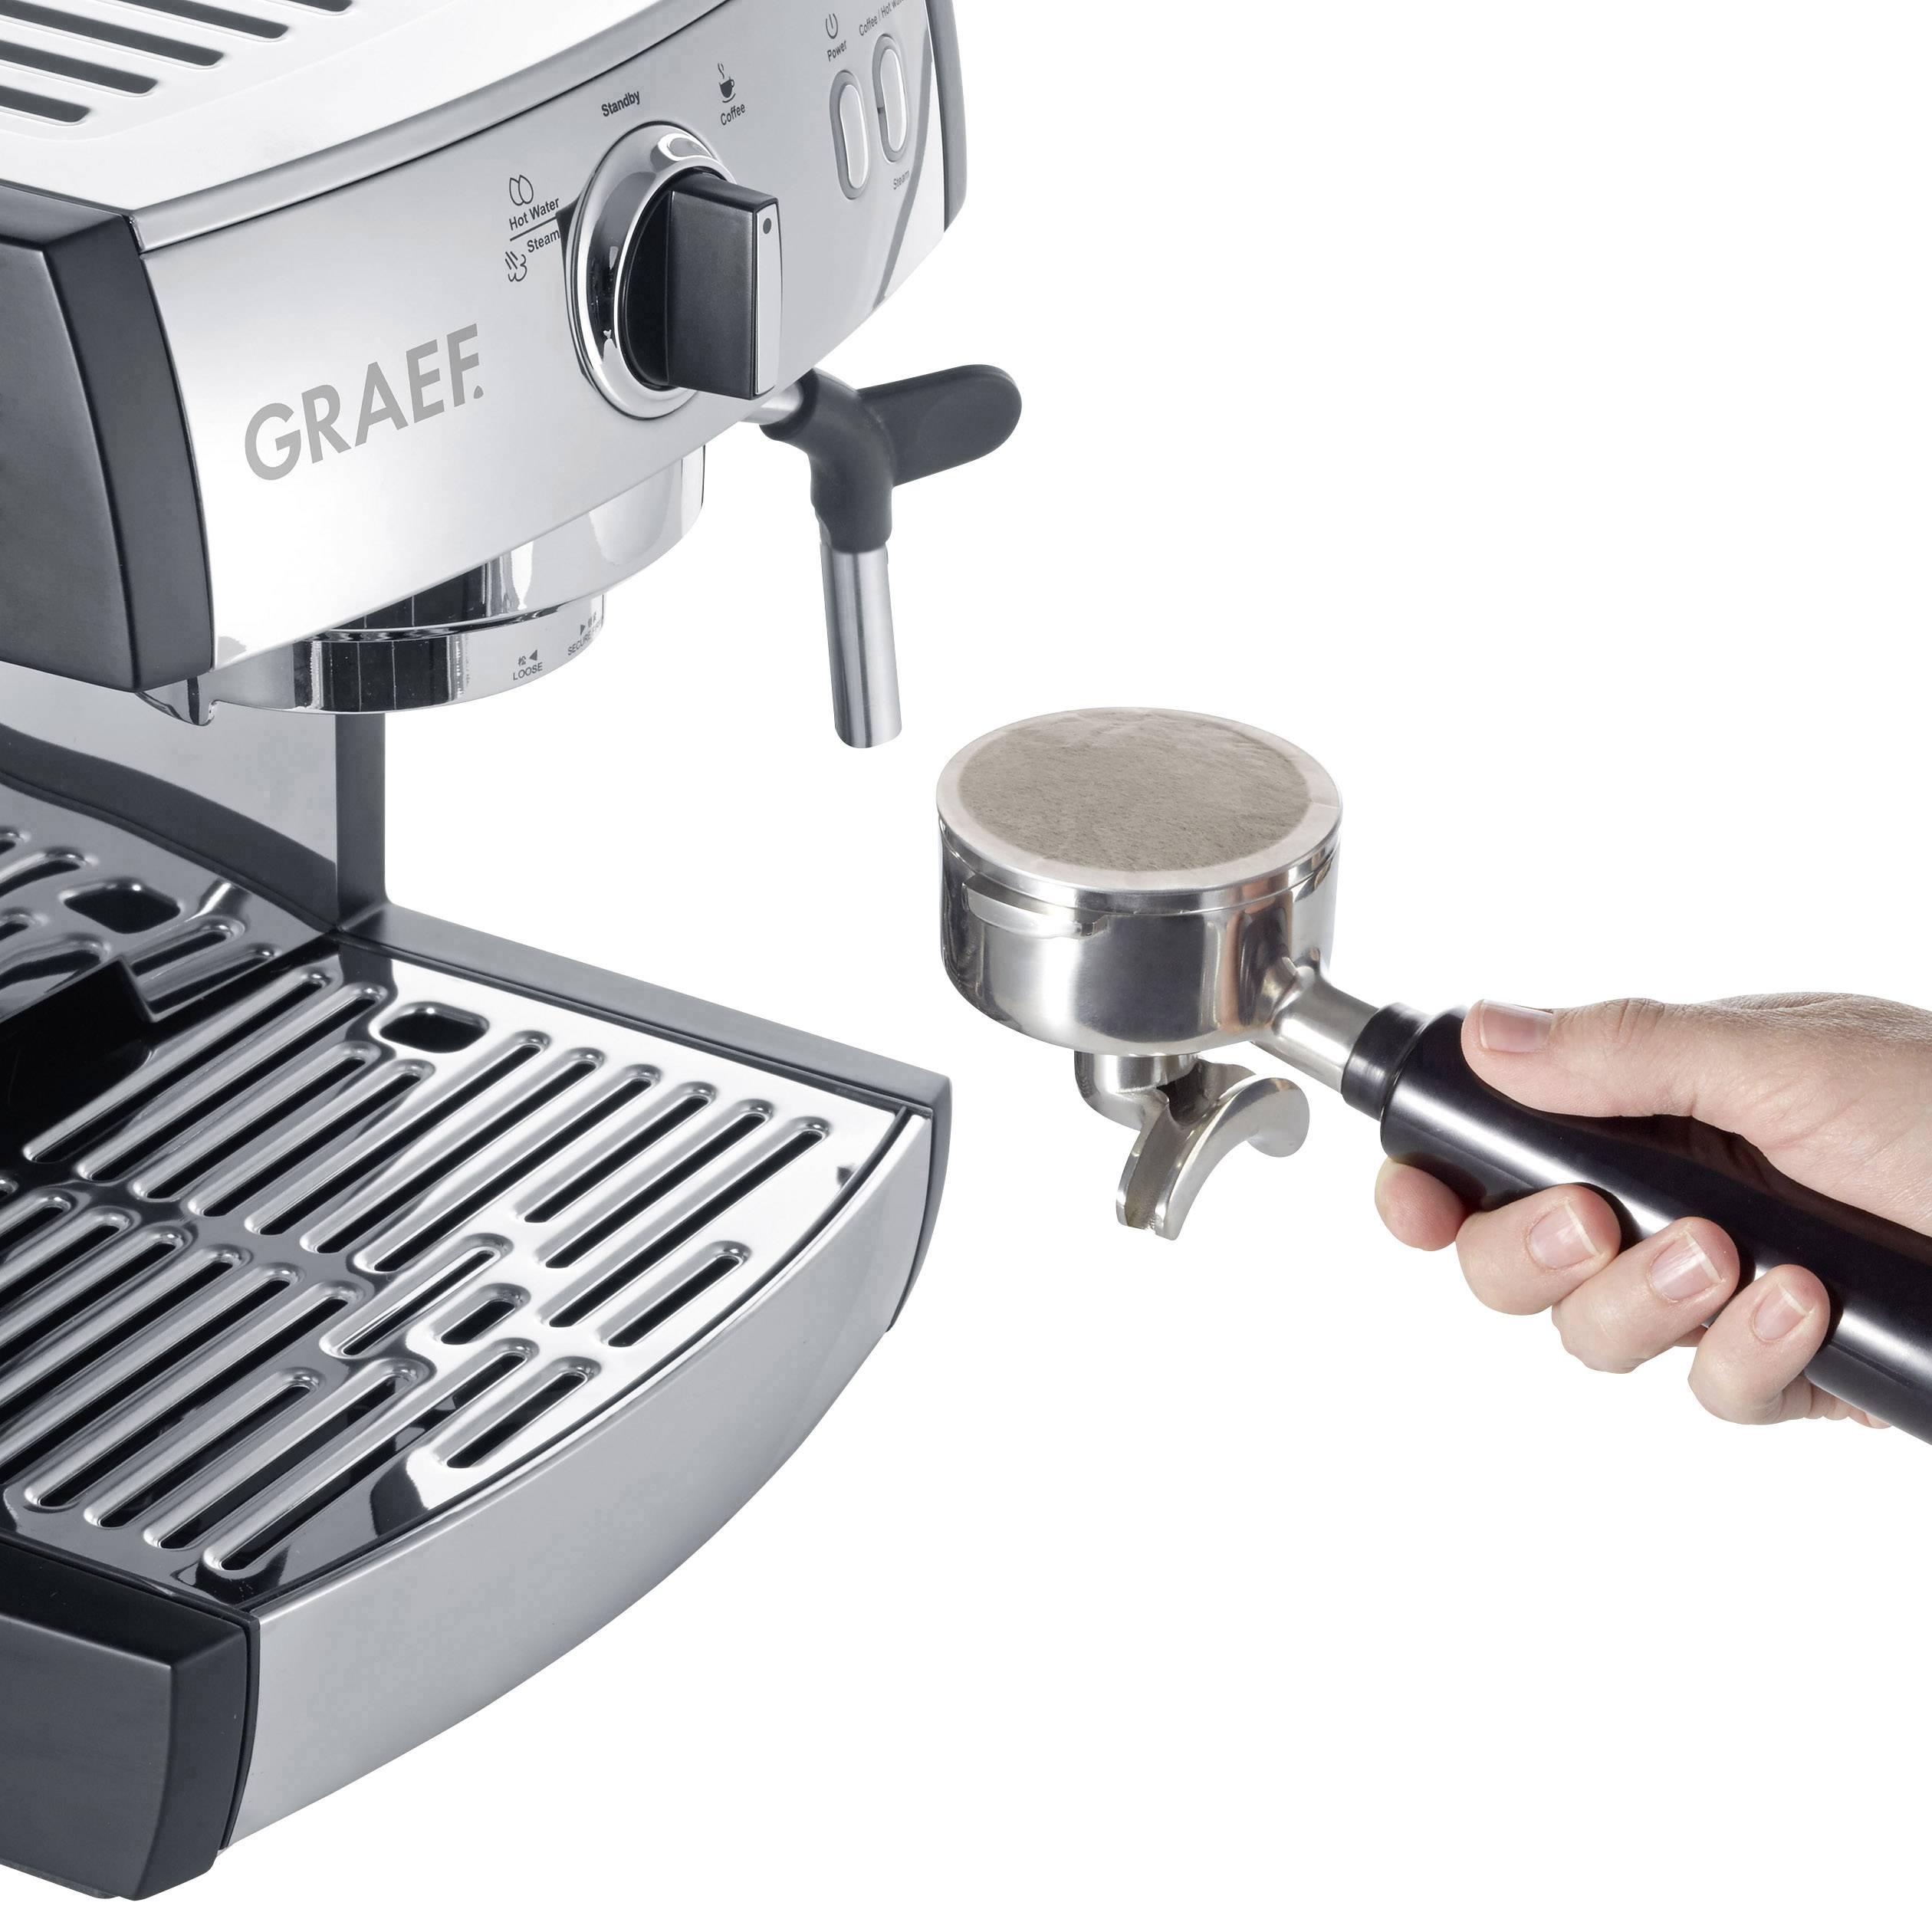 Graef Pivalla EUSET avtomat za espresso z držalom za filter legirano jeklo 1410 W s šobo za penjenje mleka